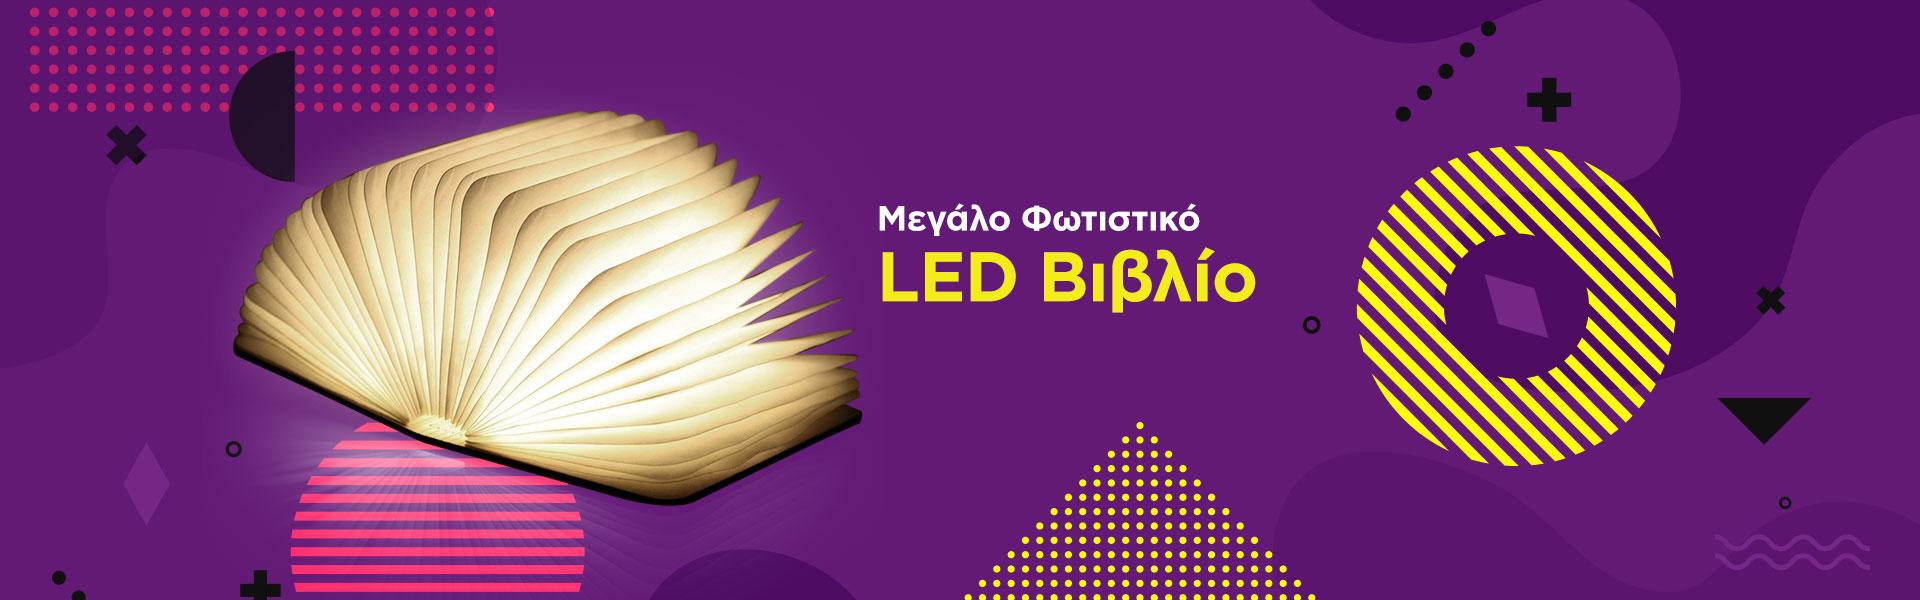 Μεγάλο Φωτιστικό LED Βιβλίο - Big Book Led Light